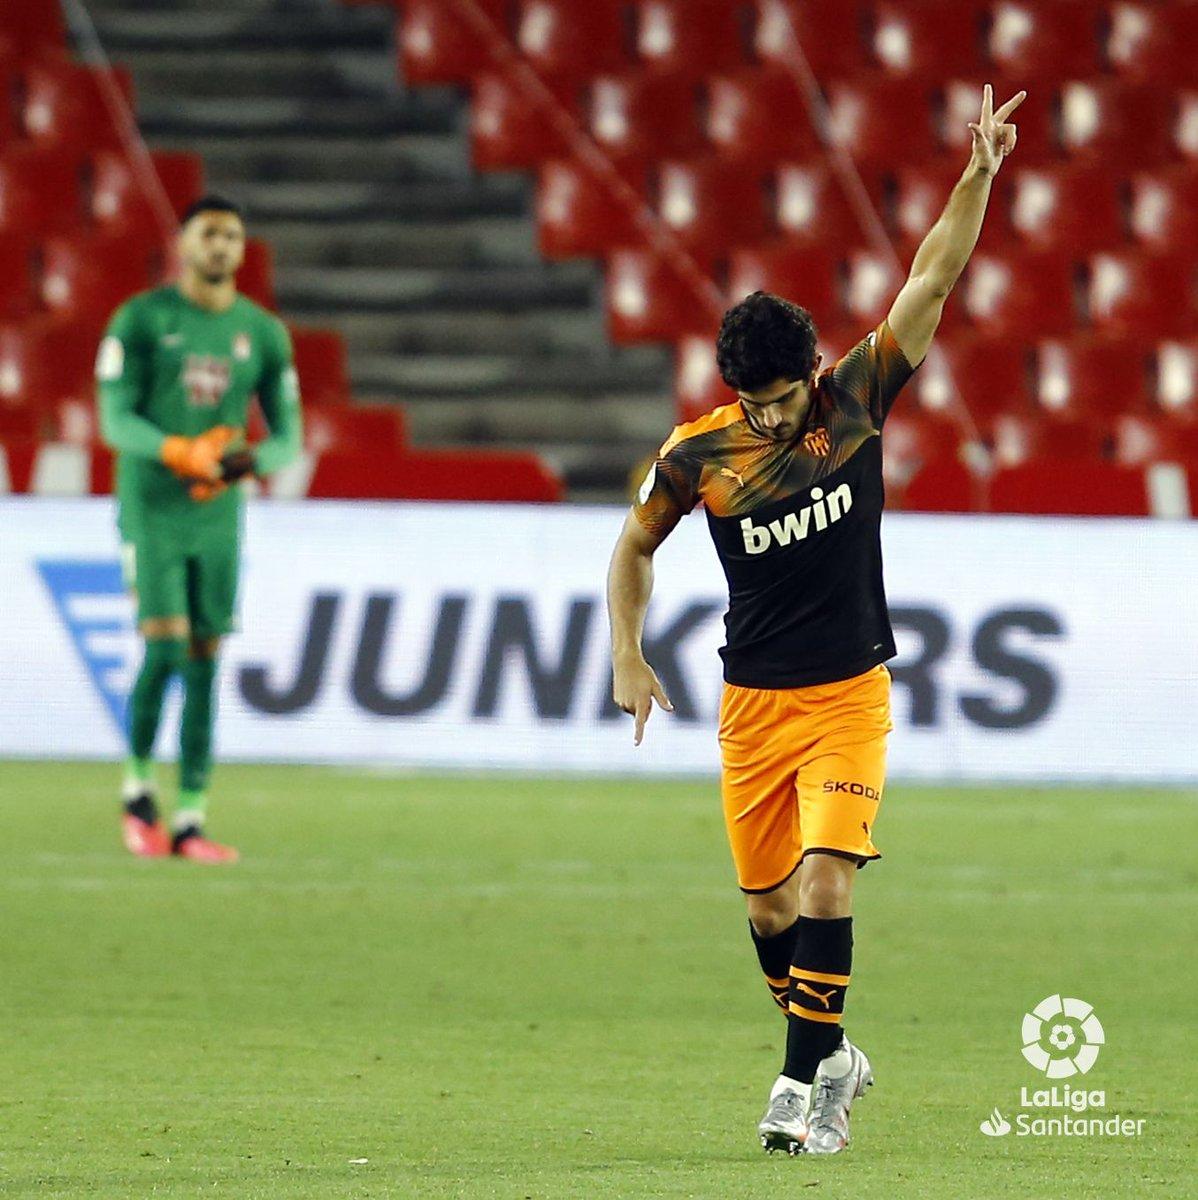 ¿Quién ha marcado uno (o dos) de los mejores goles de la temporada, @gguedesoficial? 😱 PD: Tenéis que verlo. #GranadaValencia